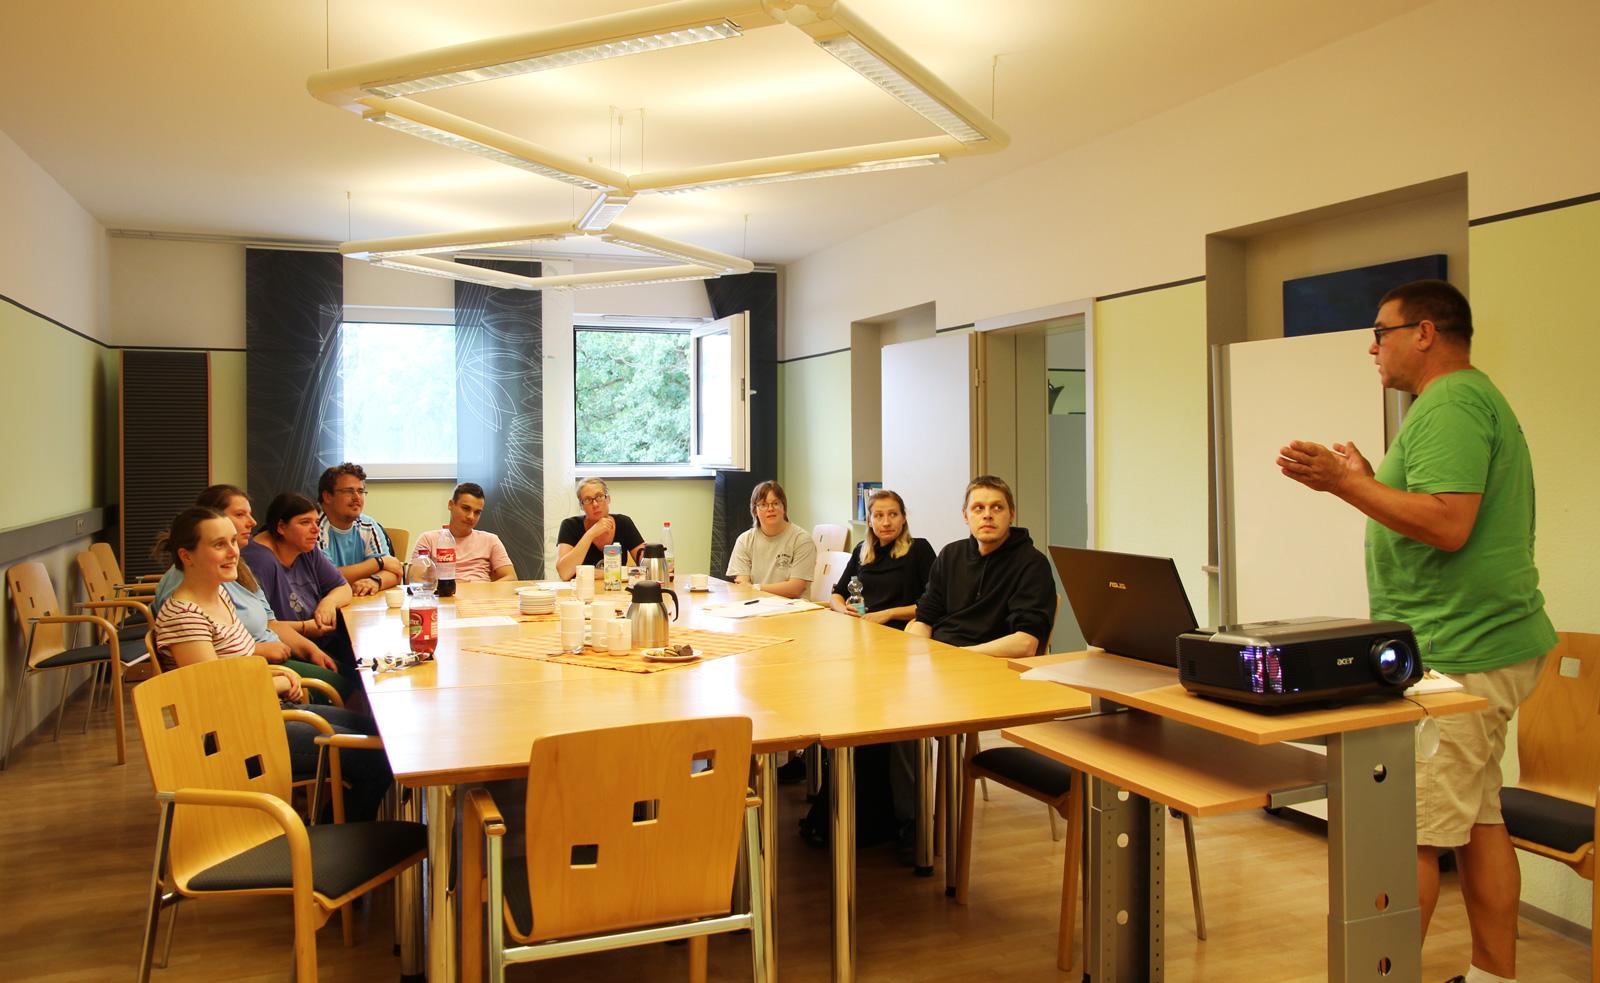 Regelmäßige Schulungen der Außenarbeitsplatzmitarbeiter ist Teil des Qualifizierungskonzepts des SORA-Teams der Moritzberg-Werkstätten.